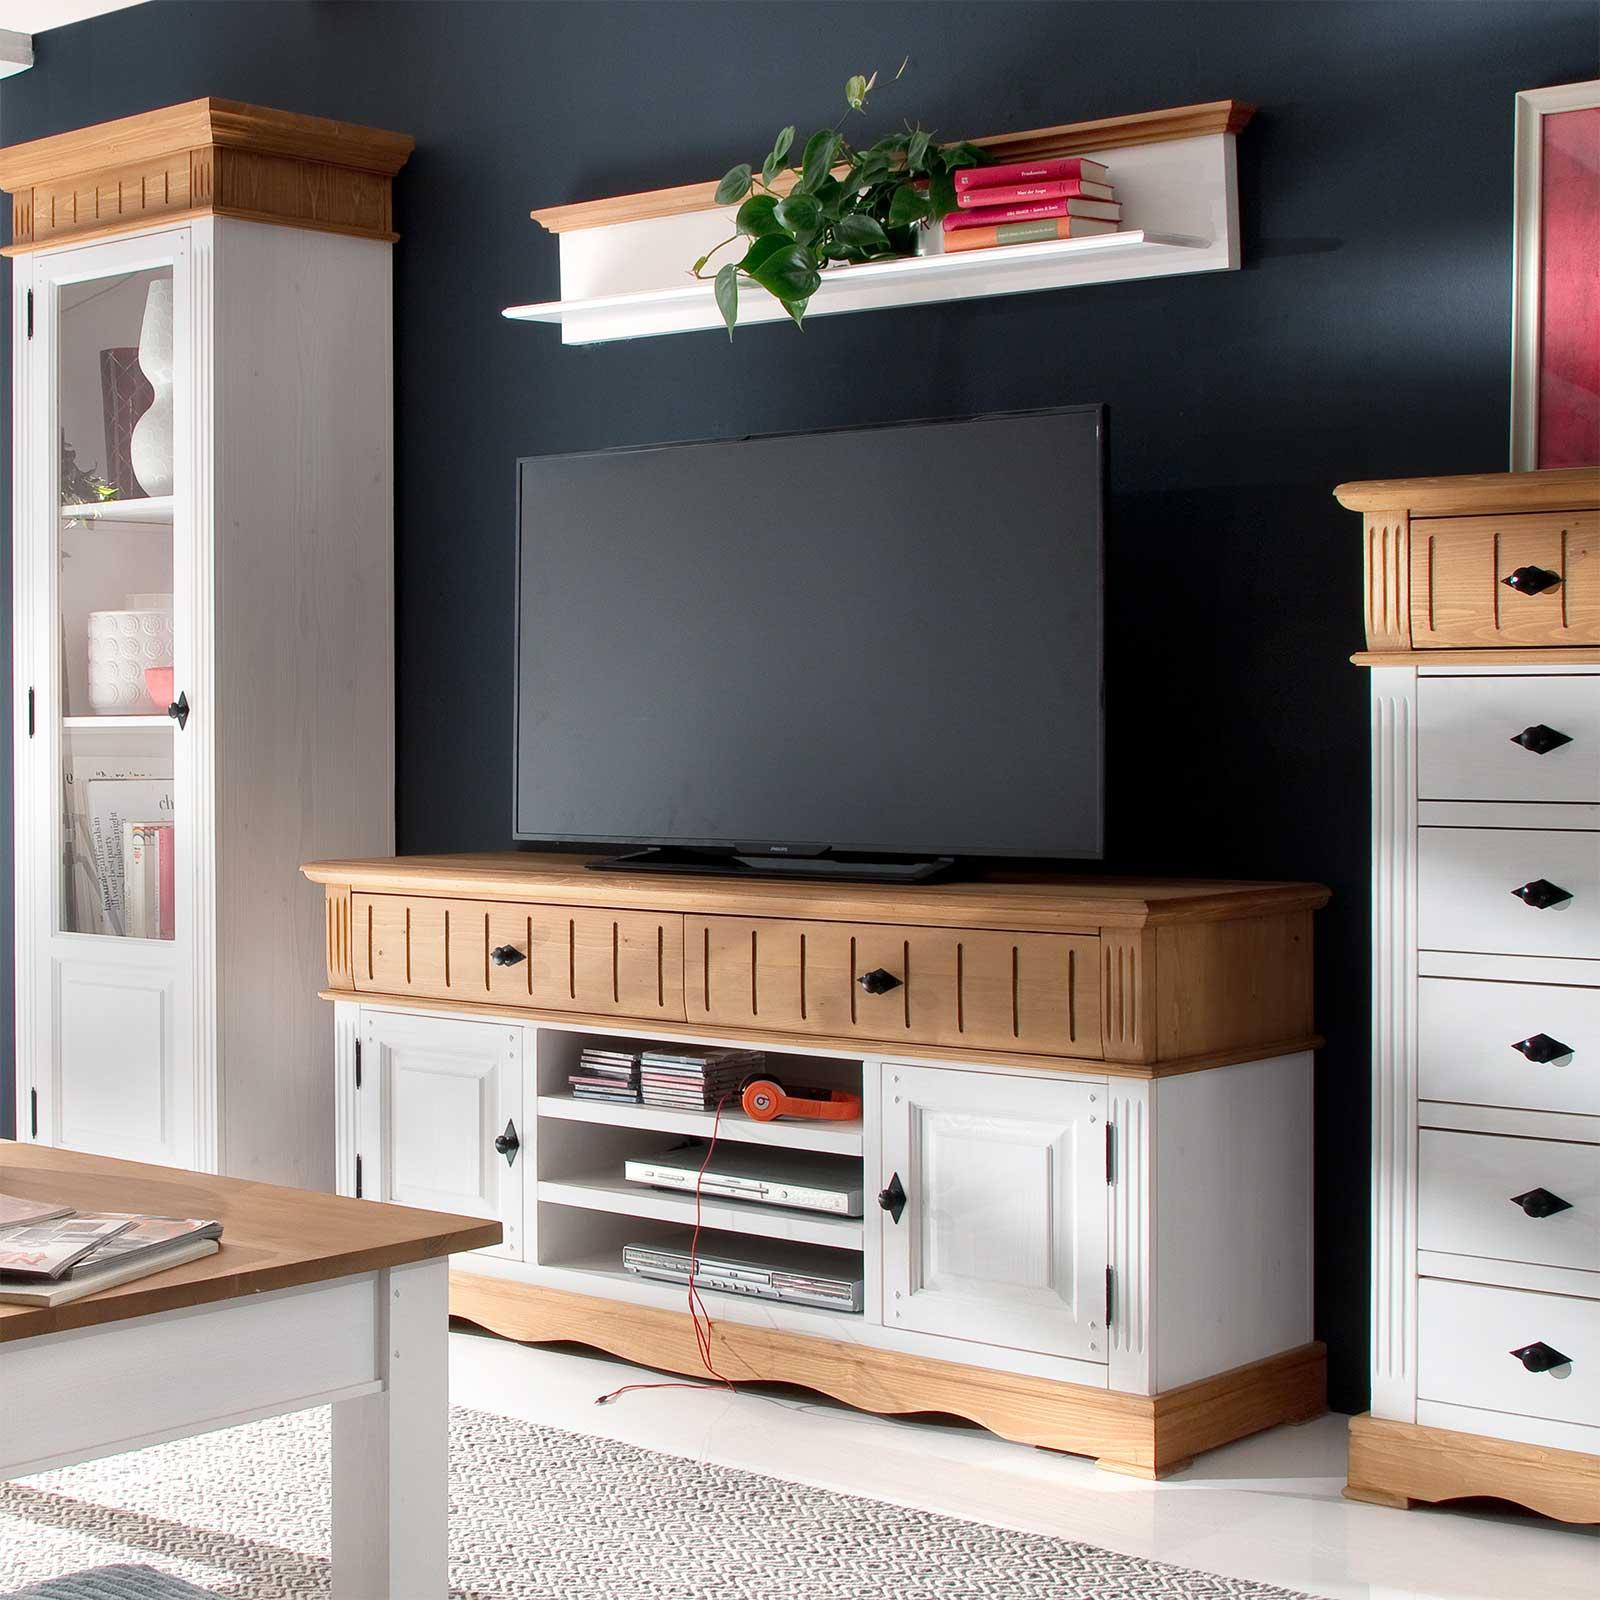 tv anrichte alby wei natur 160 cm breit pinie massiv. Black Bedroom Furniture Sets. Home Design Ideas